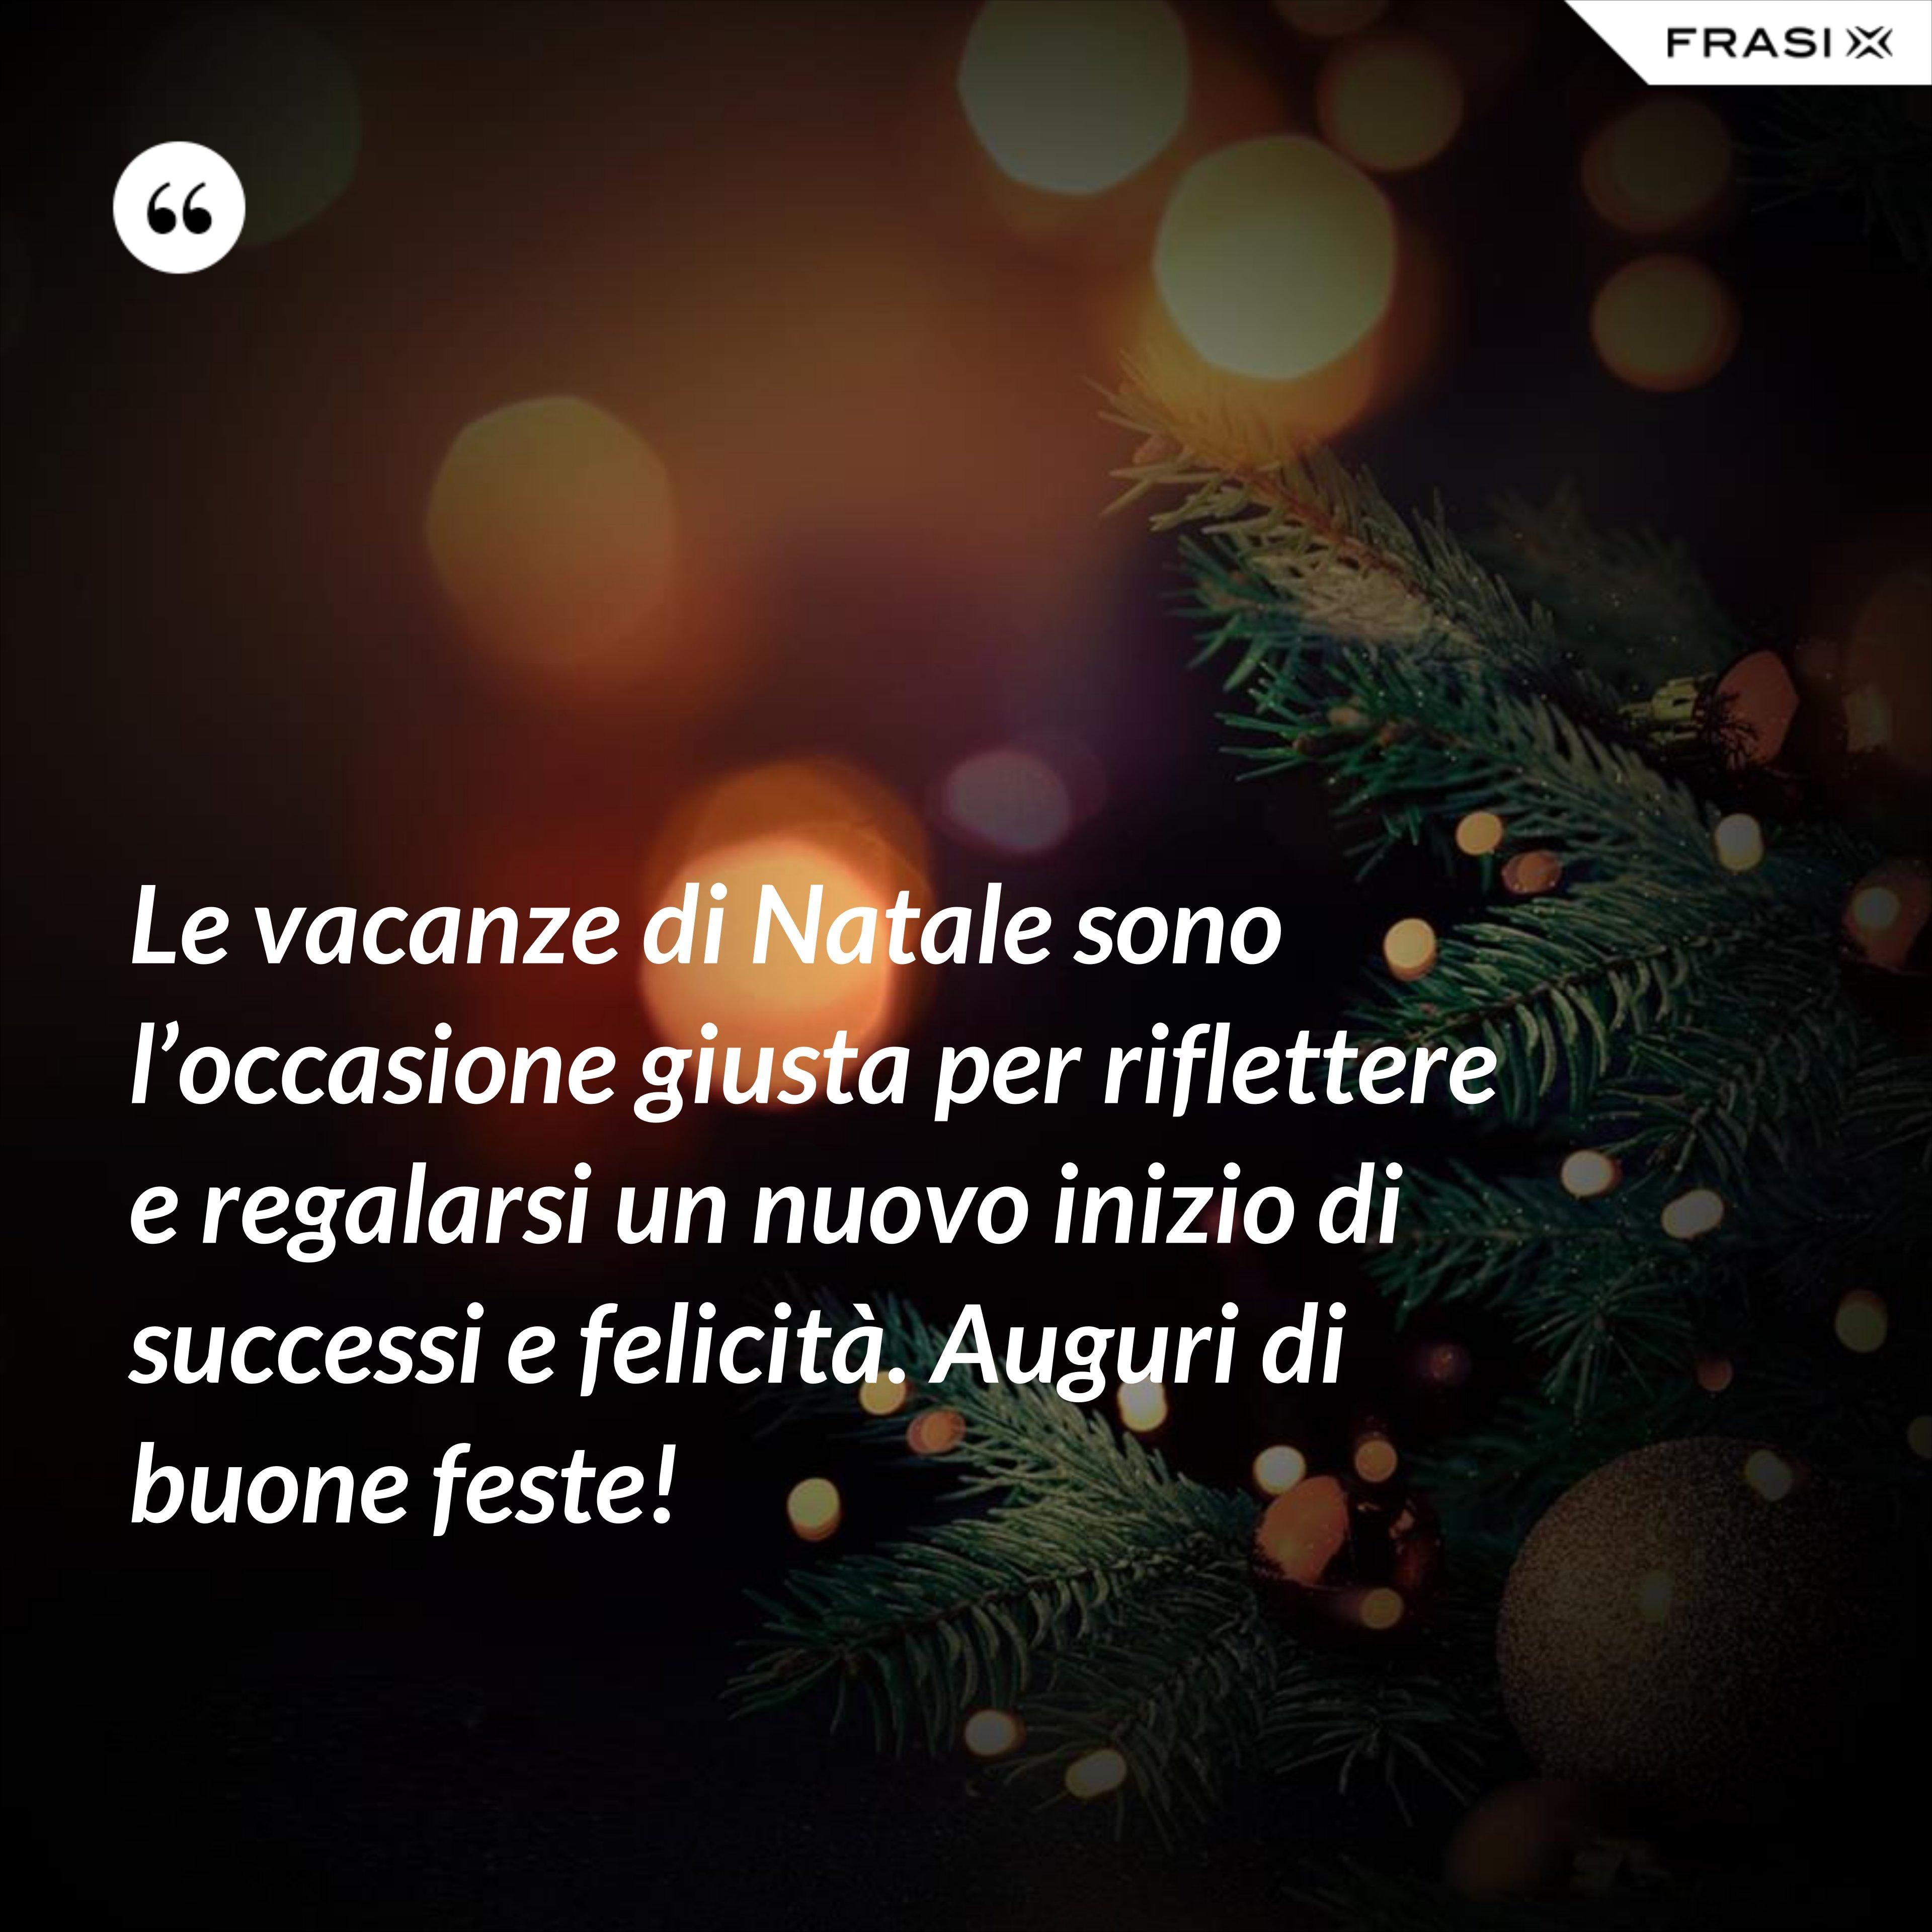 Le vacanze di Natale sono l'occasione giusta per riflettere e regalarsi un nuovo inizio di successi e felicità. Auguri di buone feste! - Anonimo